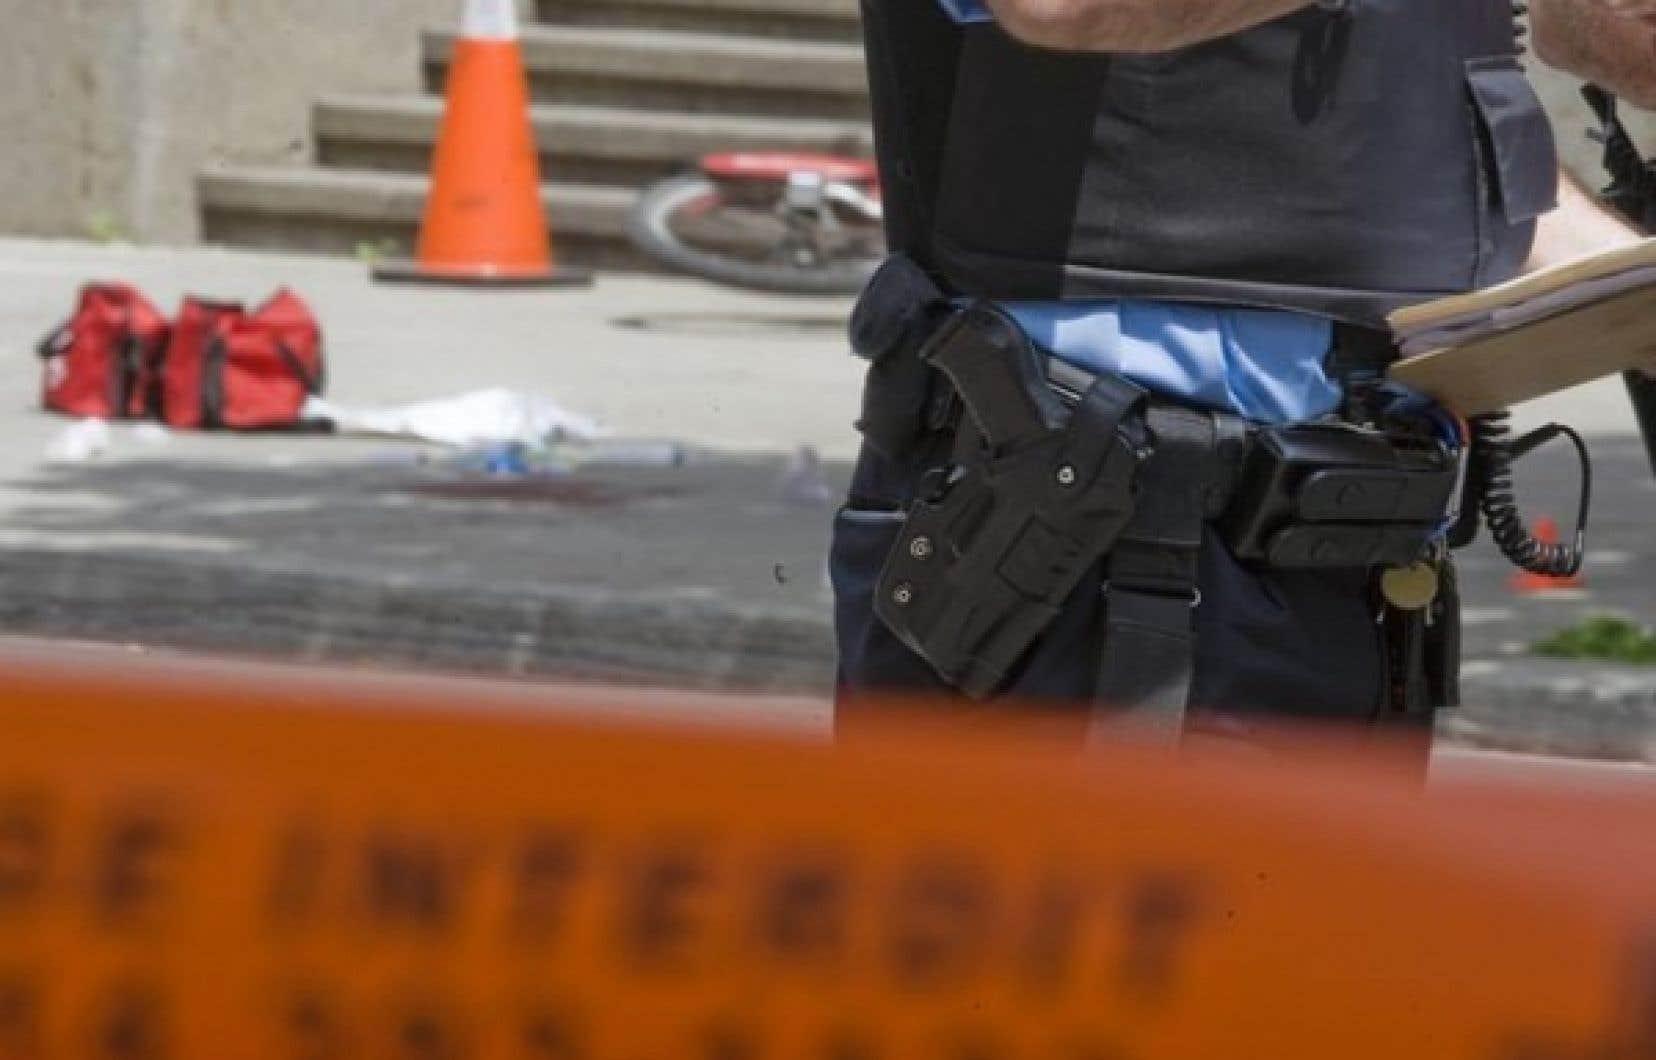 Le drame s'est joué à l'angle des rues Christin et Saint-Denis, peu après 6h30. Un homme est mort d'une balle dans la tête et un cycliste a été blessé par un tir mal cadré.